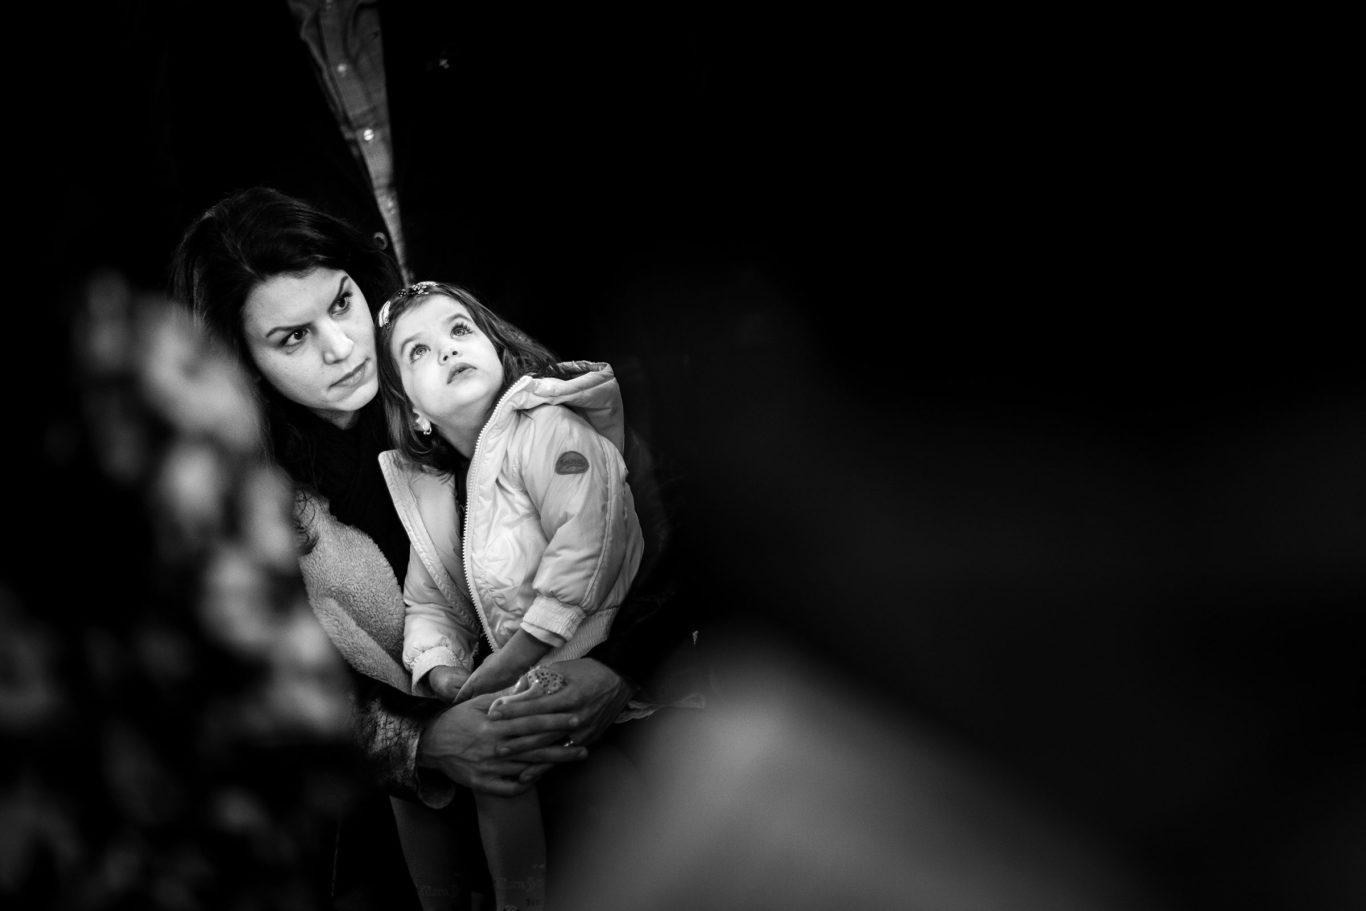 012-Fotografii-botez-Matei-fotograf-Ciprian-Dumitrescu